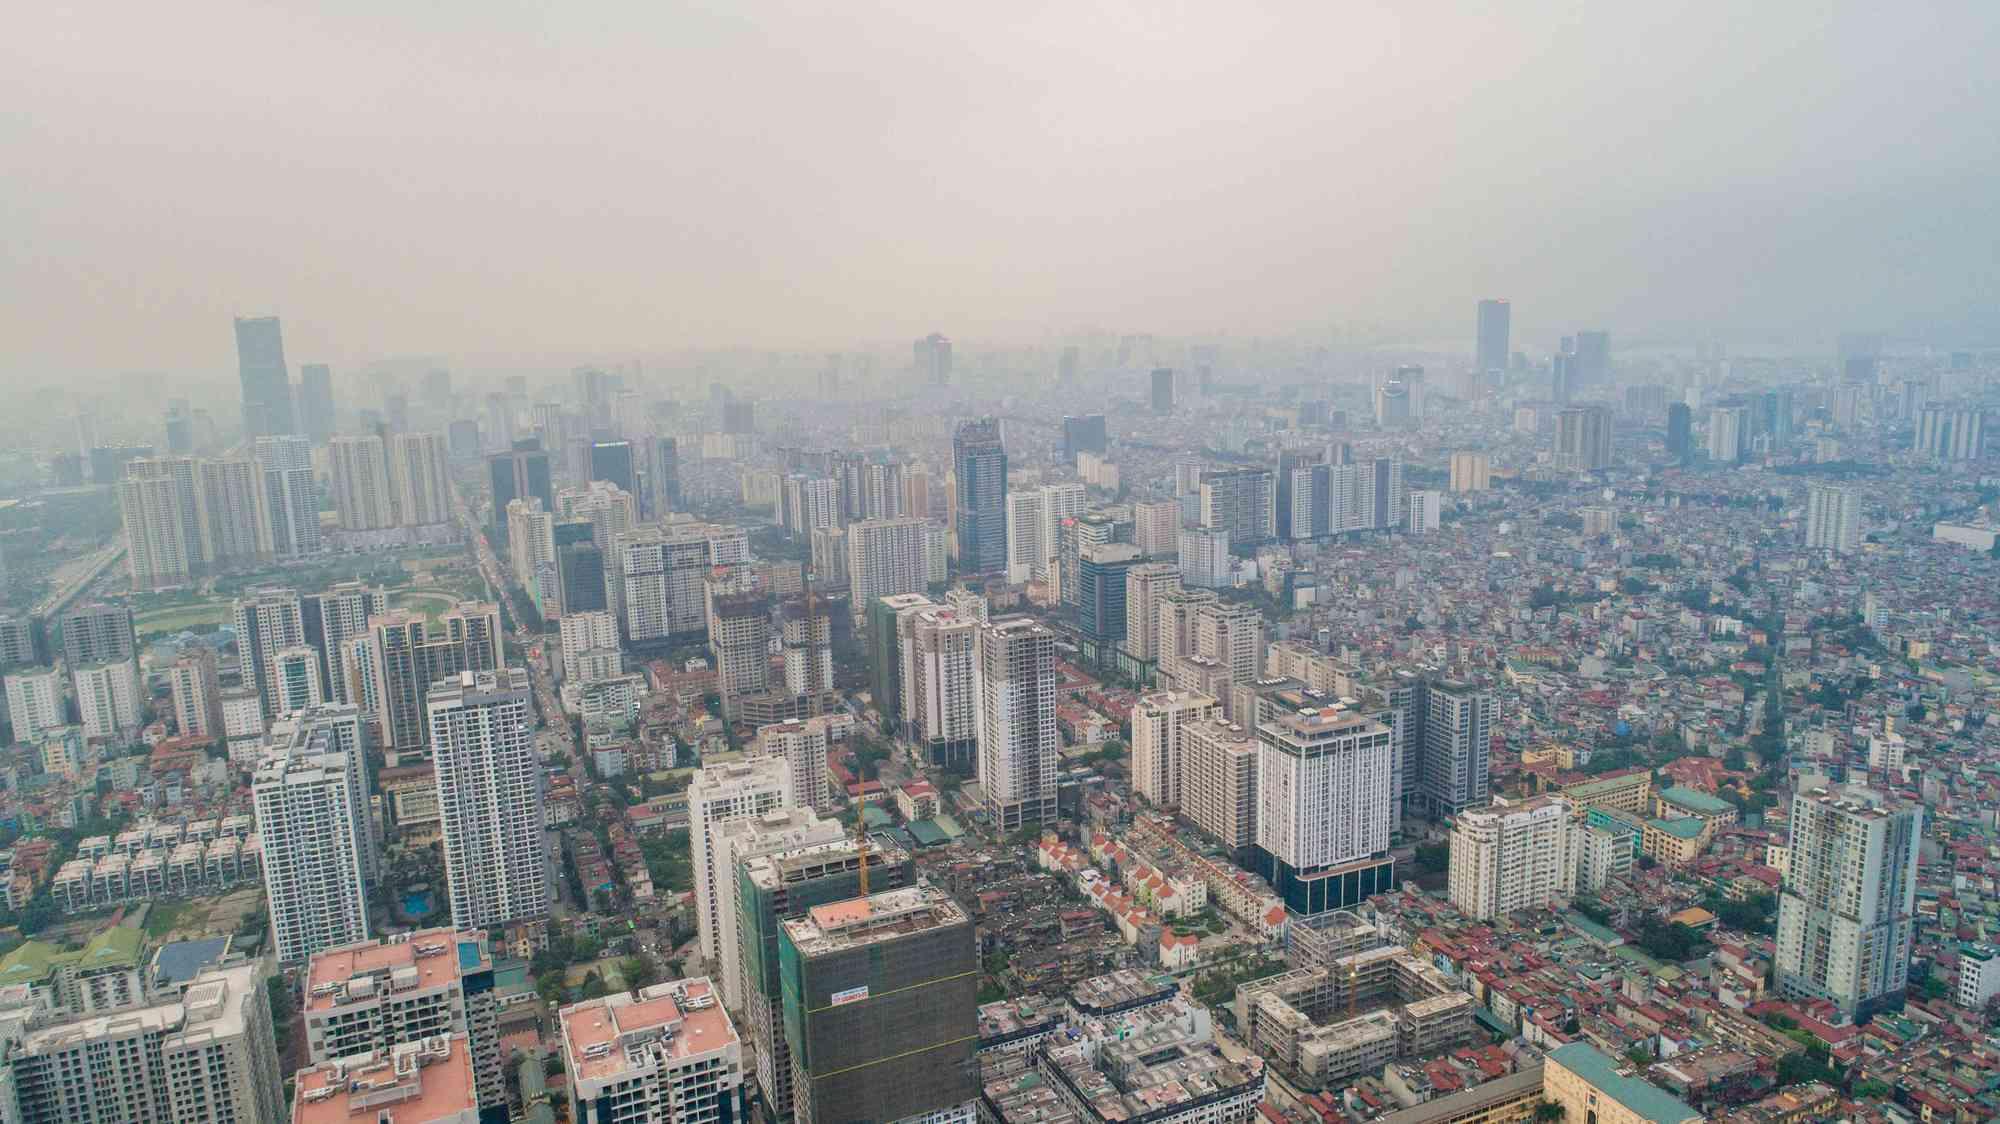 Khảo sát giá đất gần 1 tỉ đồng/m2 ở khu đất kim cương, Hà Nội đề xuất tăng bình quân 30% giá đất - 1